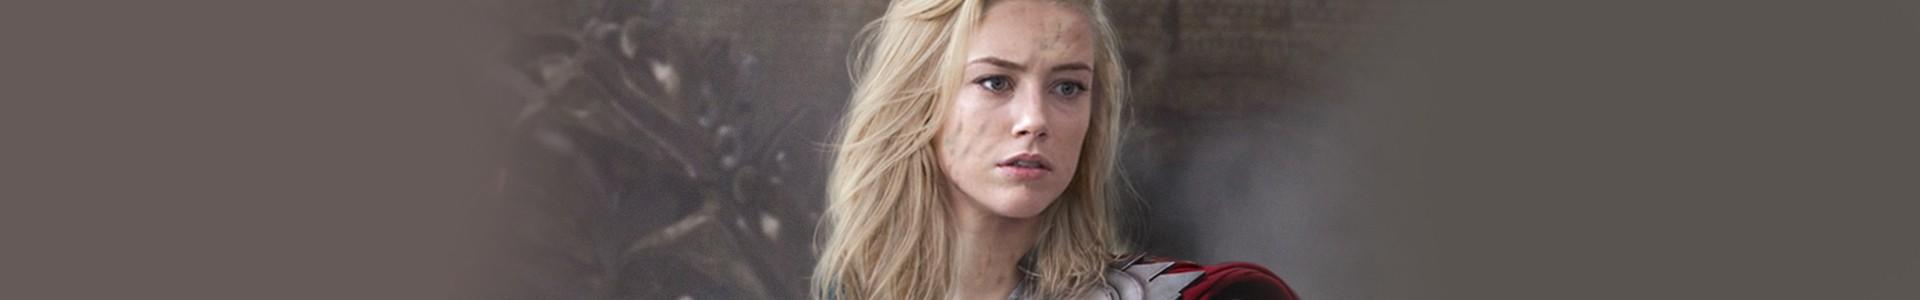 5 versões femininas dos vingadores da Marvel que você gostaria de ver nos cinemas